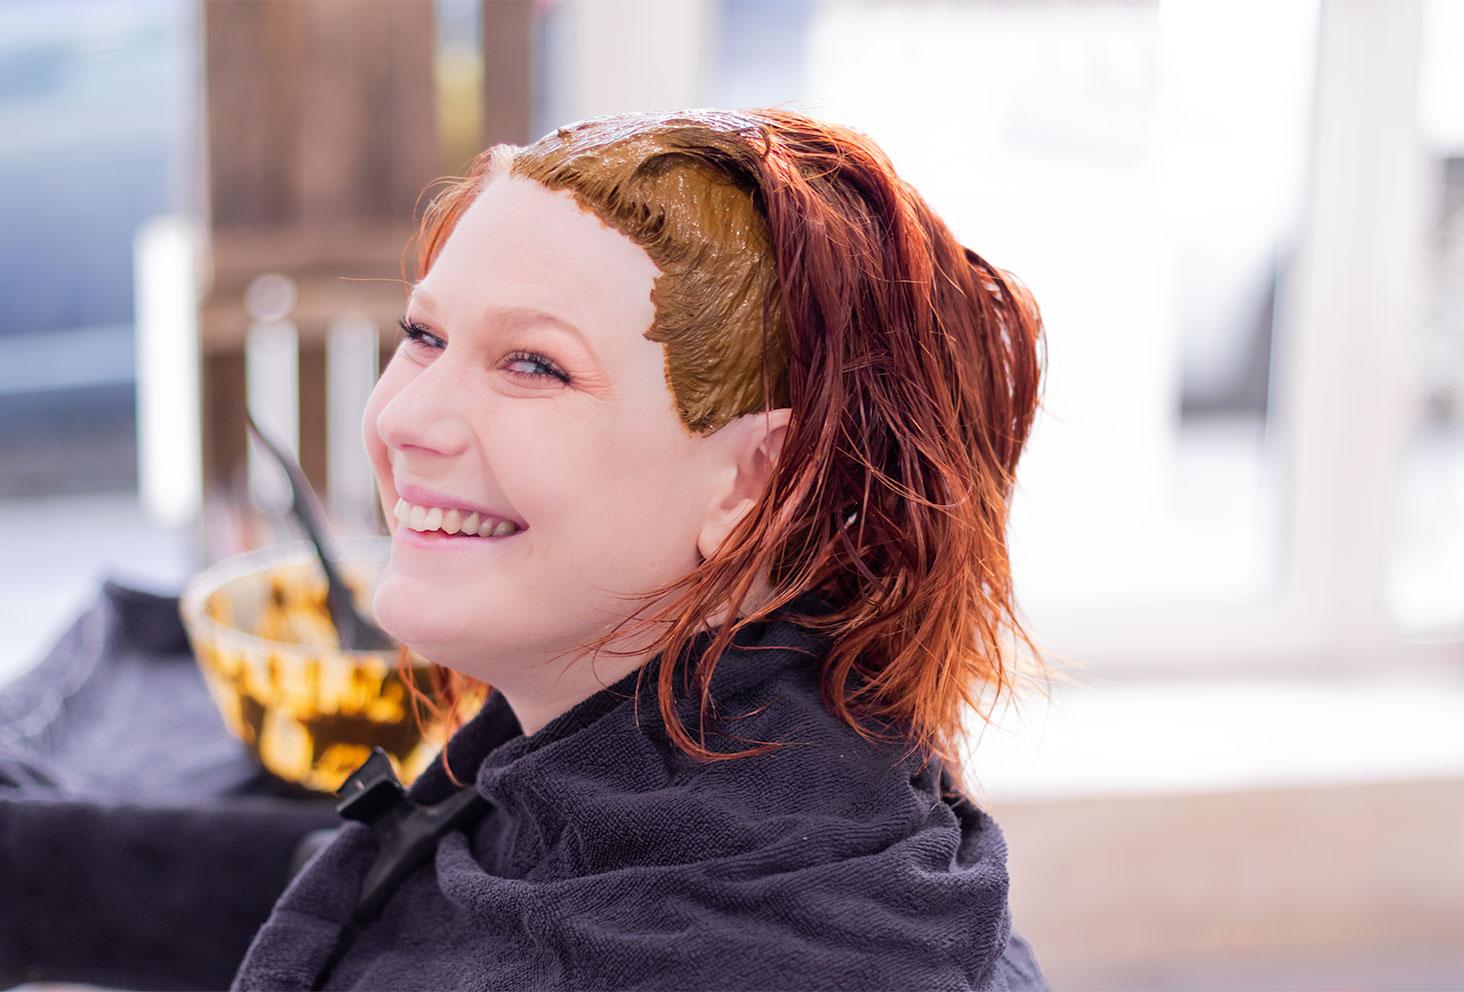 Cheveux roux avec coloration végétale appliquer aux racines, de profil avec le sourire